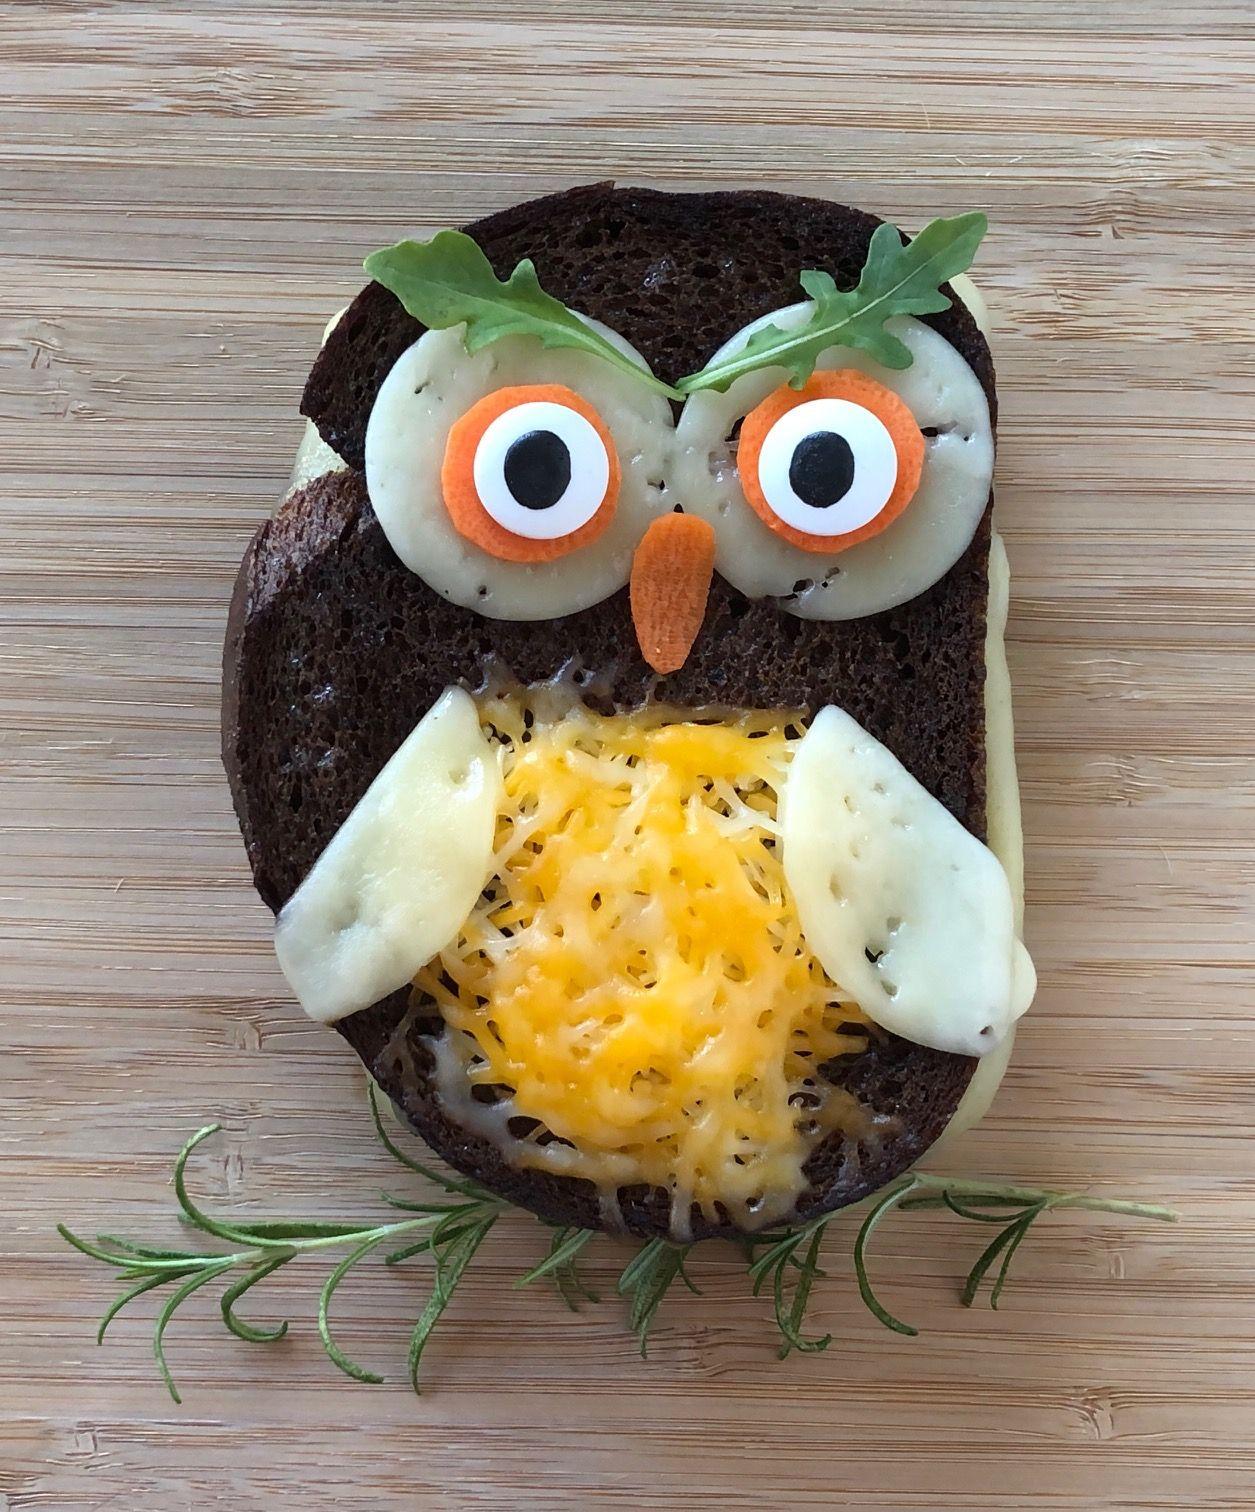 Owl Sandwiches Make For An Easy Halloween Dinner